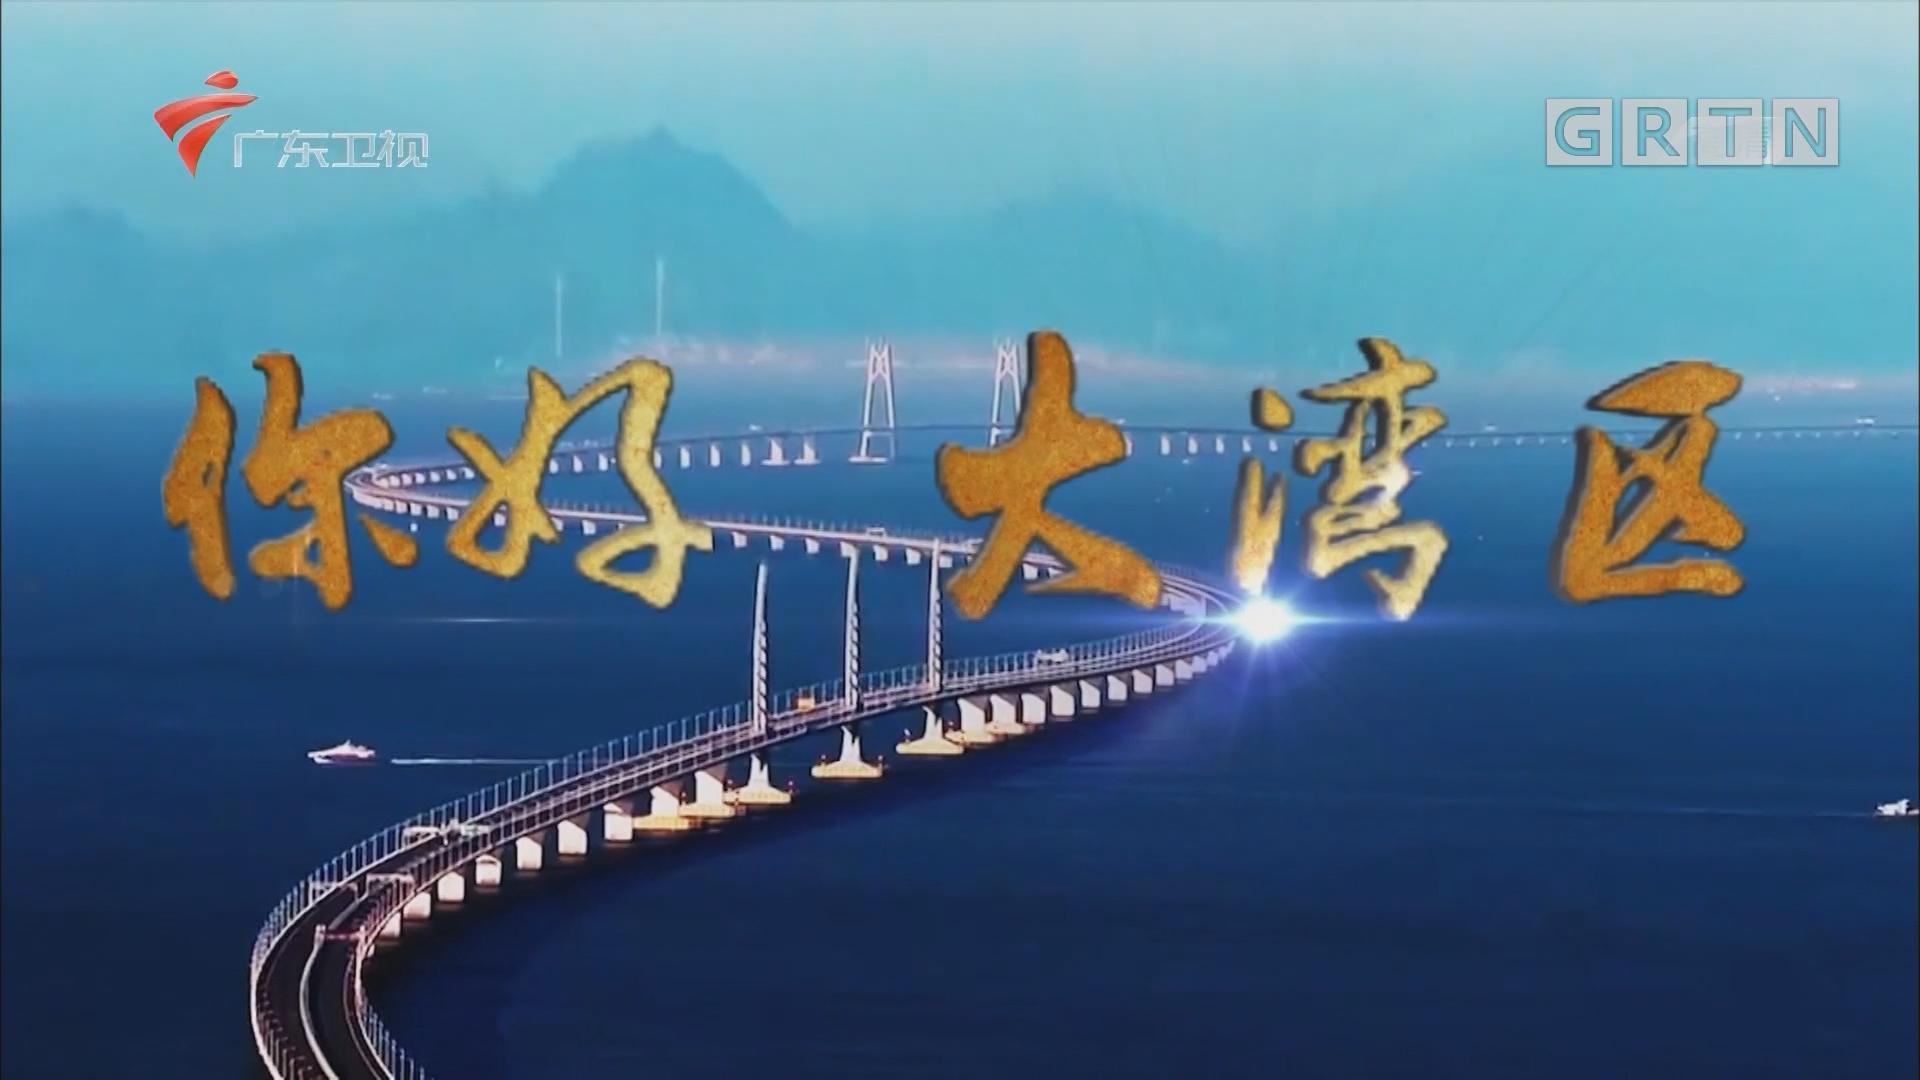 [HD][2019-07-02]你好 大湾区:大湾区发展内核:协同 合作 包容